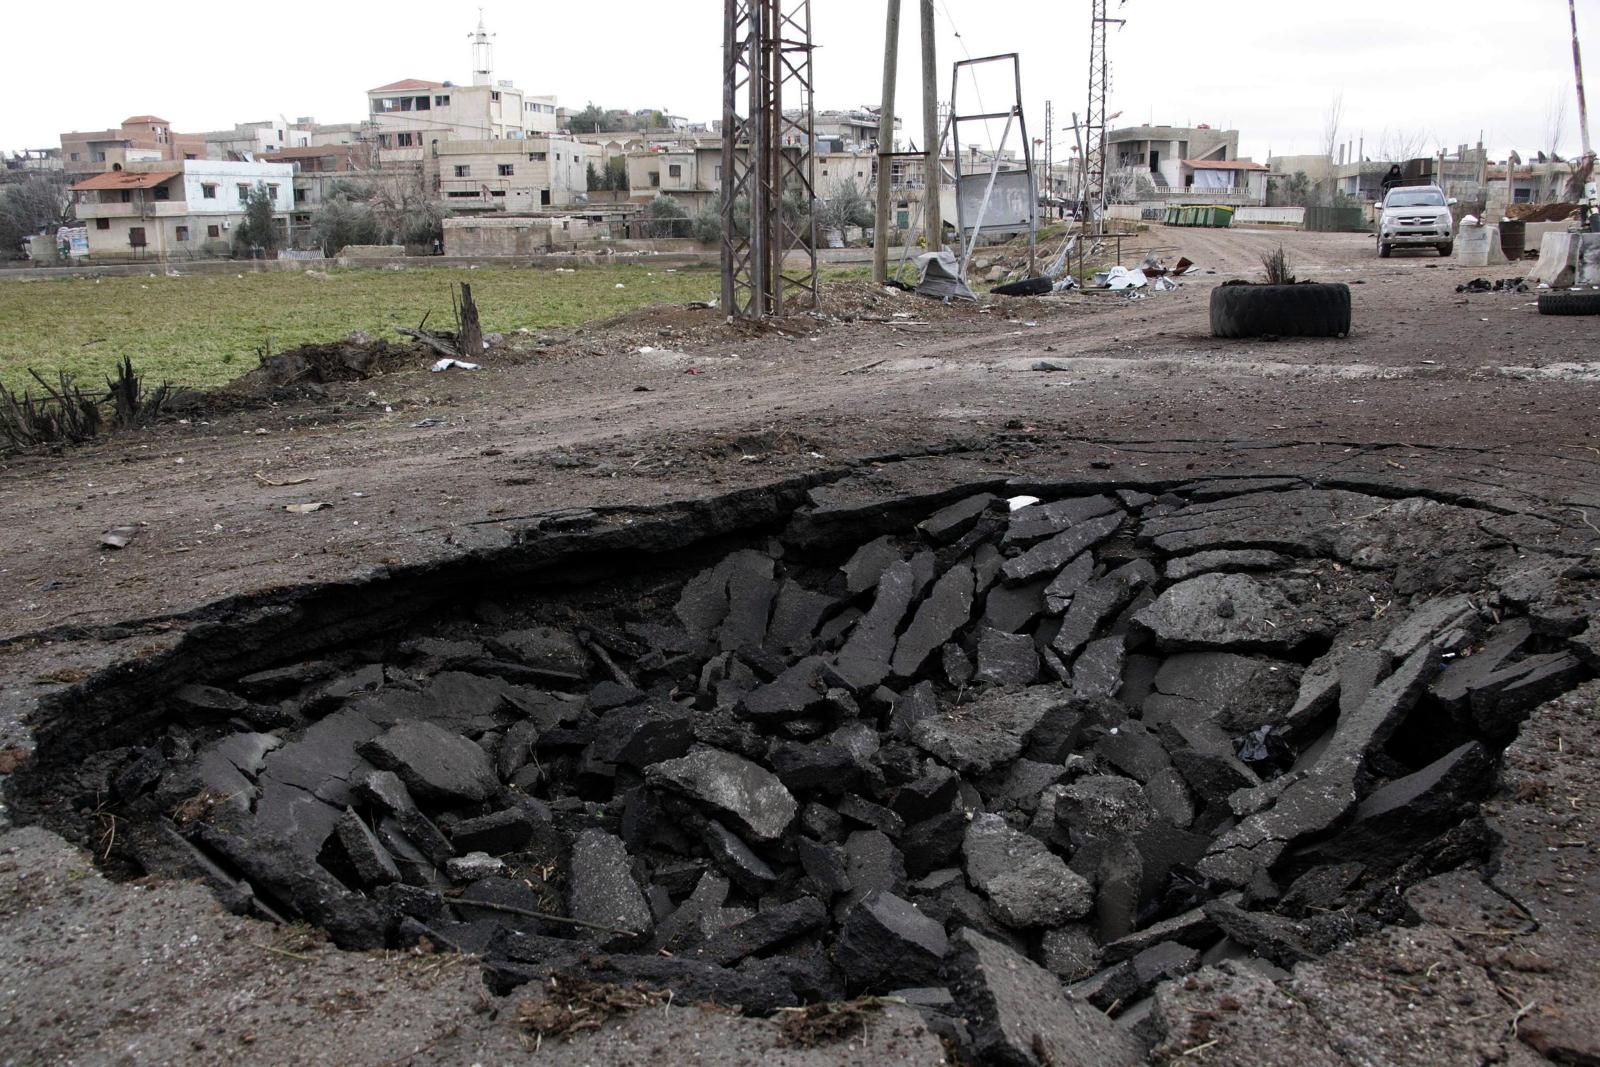 Atak bombowy w postaci samochodu pułapki w Damaszku. Fot. PAP/EPA/SANA HANDOUT